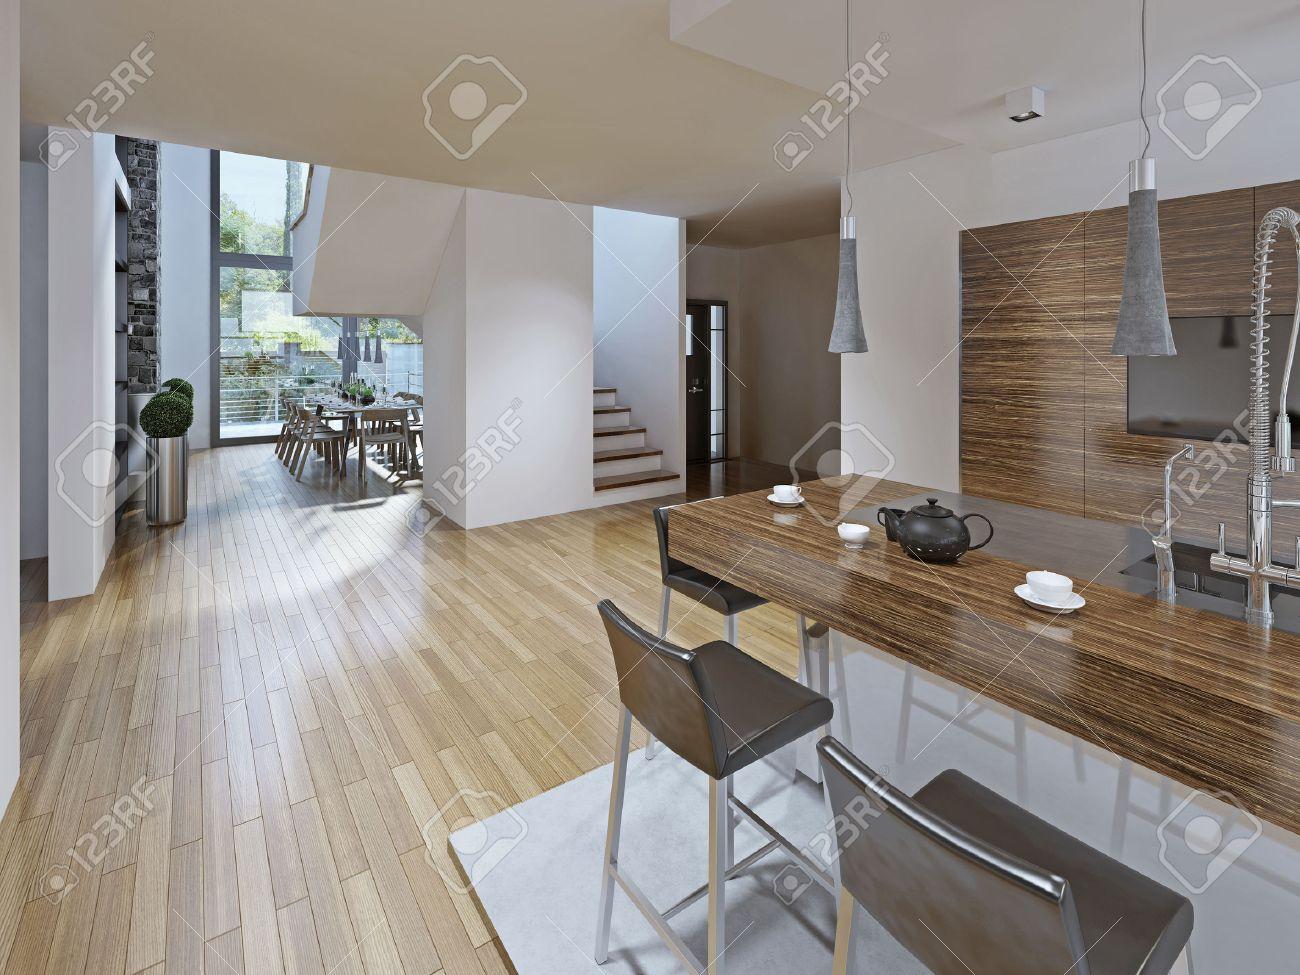 Immagini stock high tech cucina con sala da pranzo in stile il